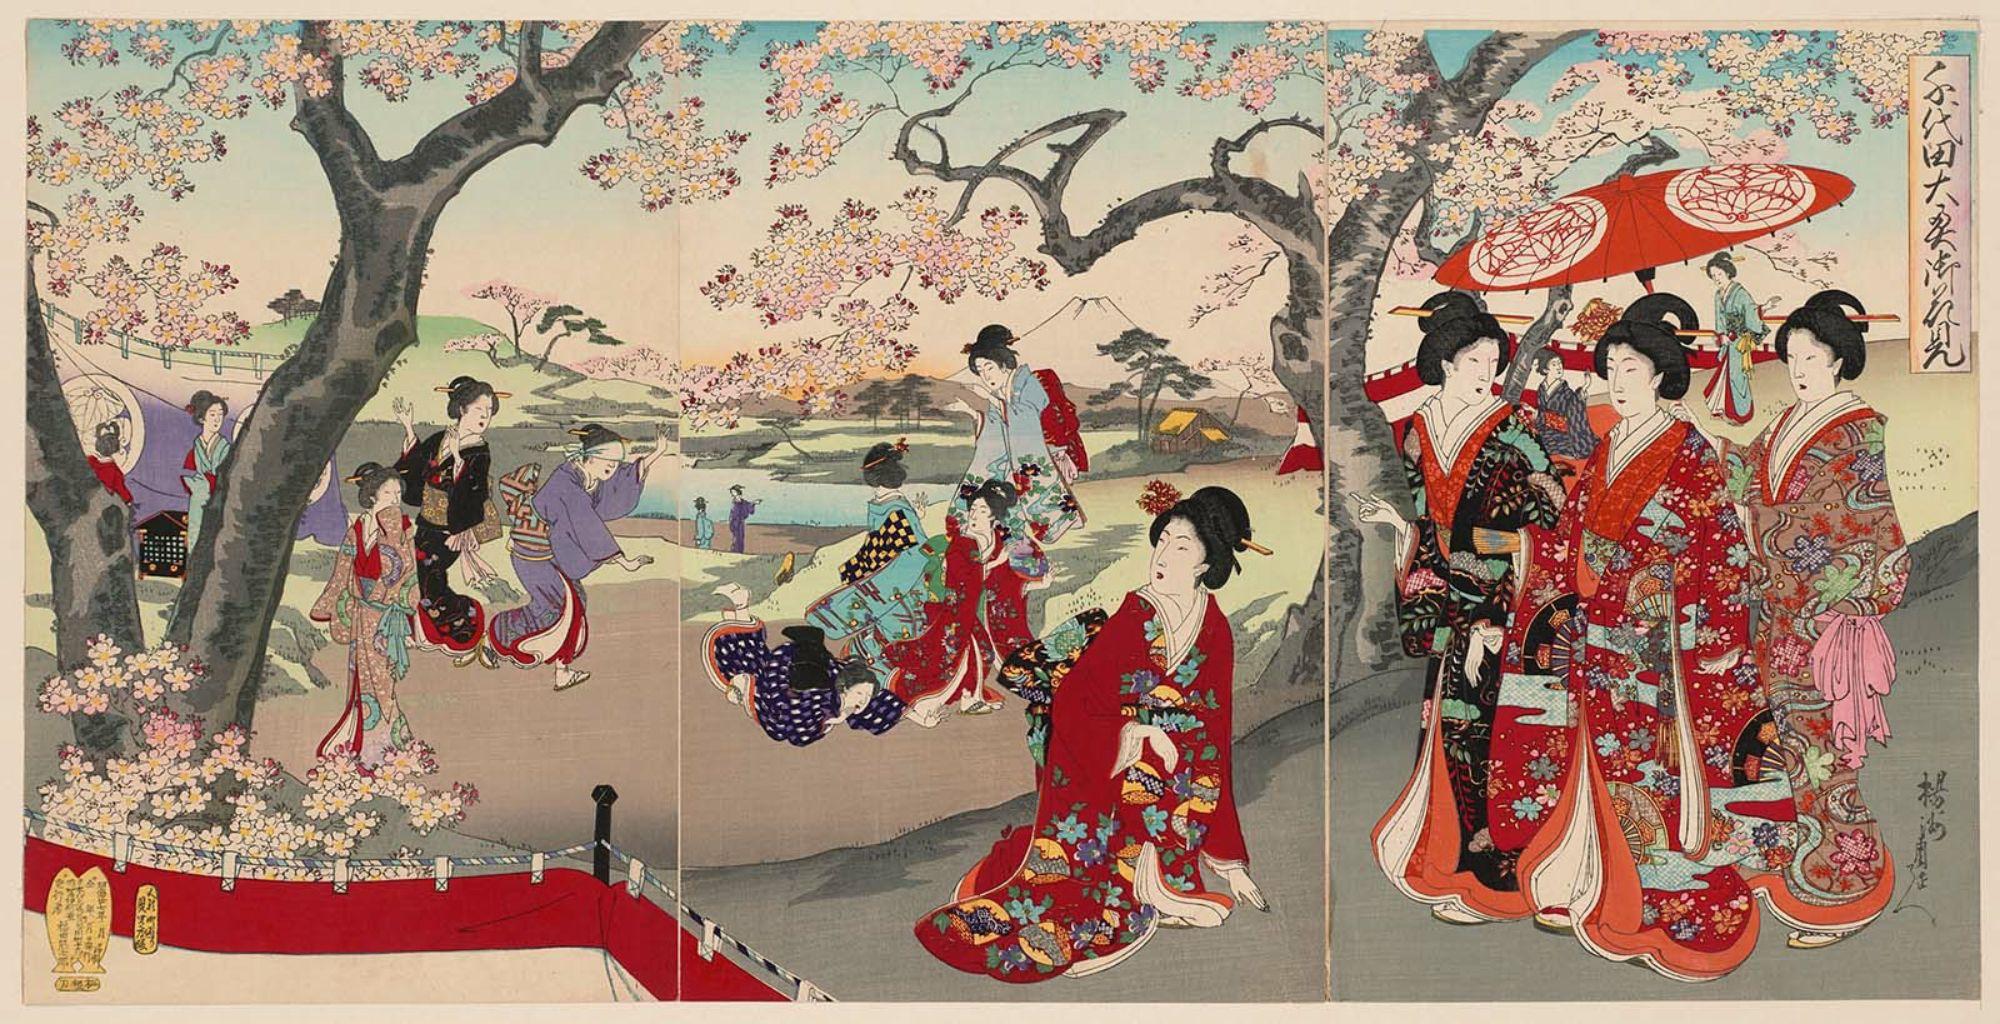 Χανάμι, σε έργο του Τογιοχάρα Τσικανόμπου 豊原周延 (1838–1912)